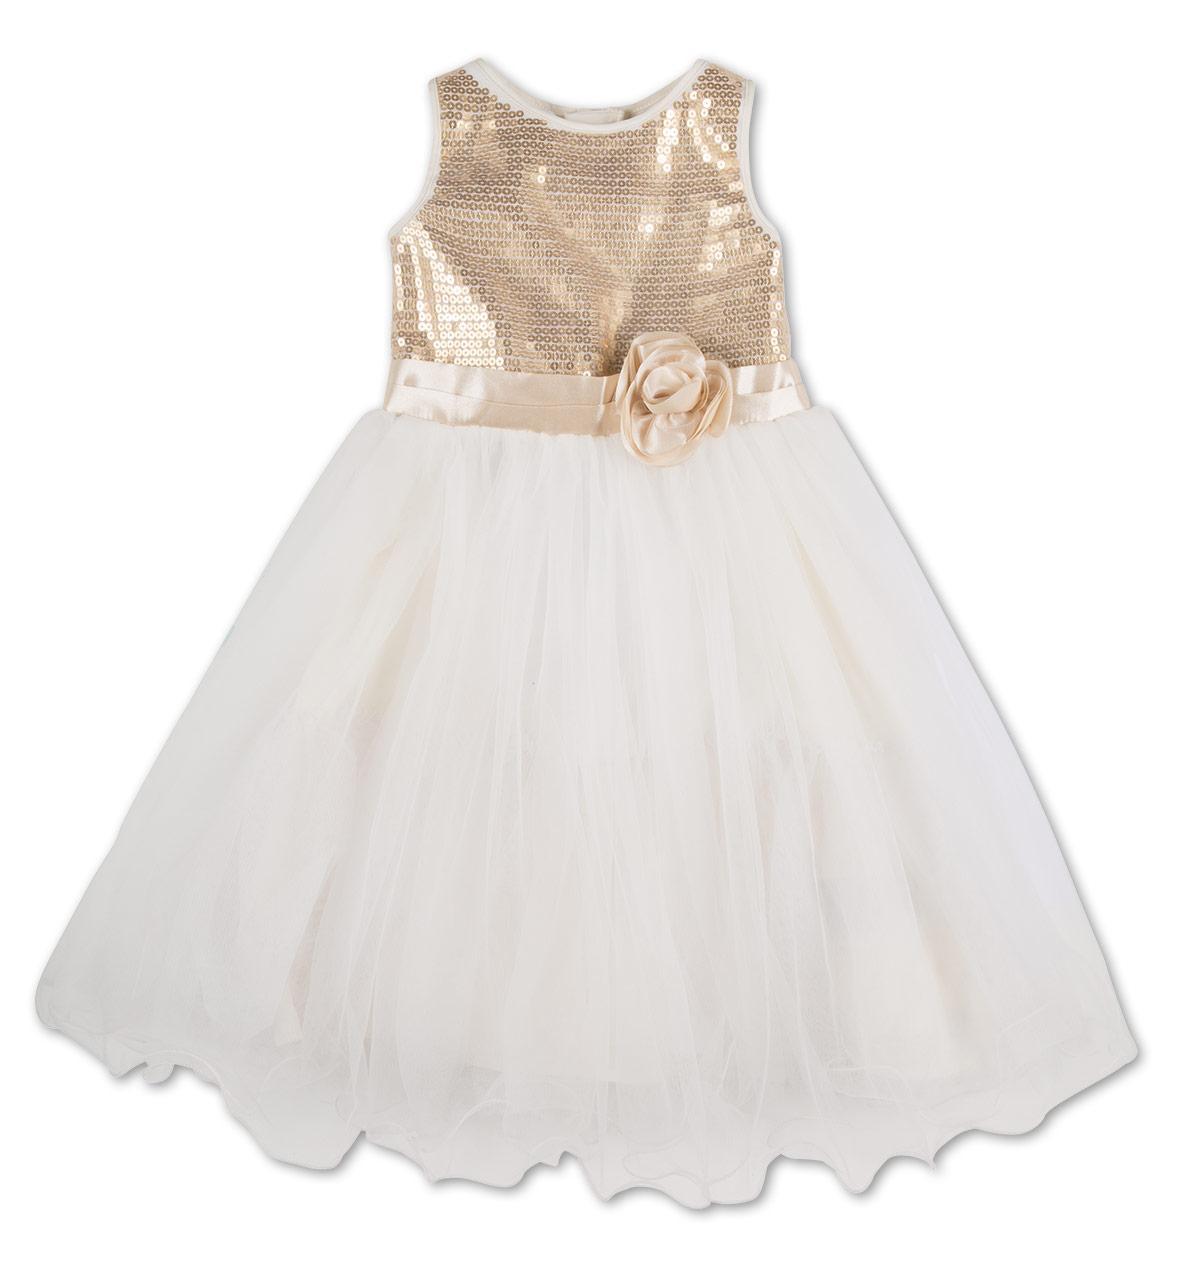 9c05c223391 Очень красивое нарядное платье на девочку C A Германия Размер 116 и 122 -  Интернет-магазин